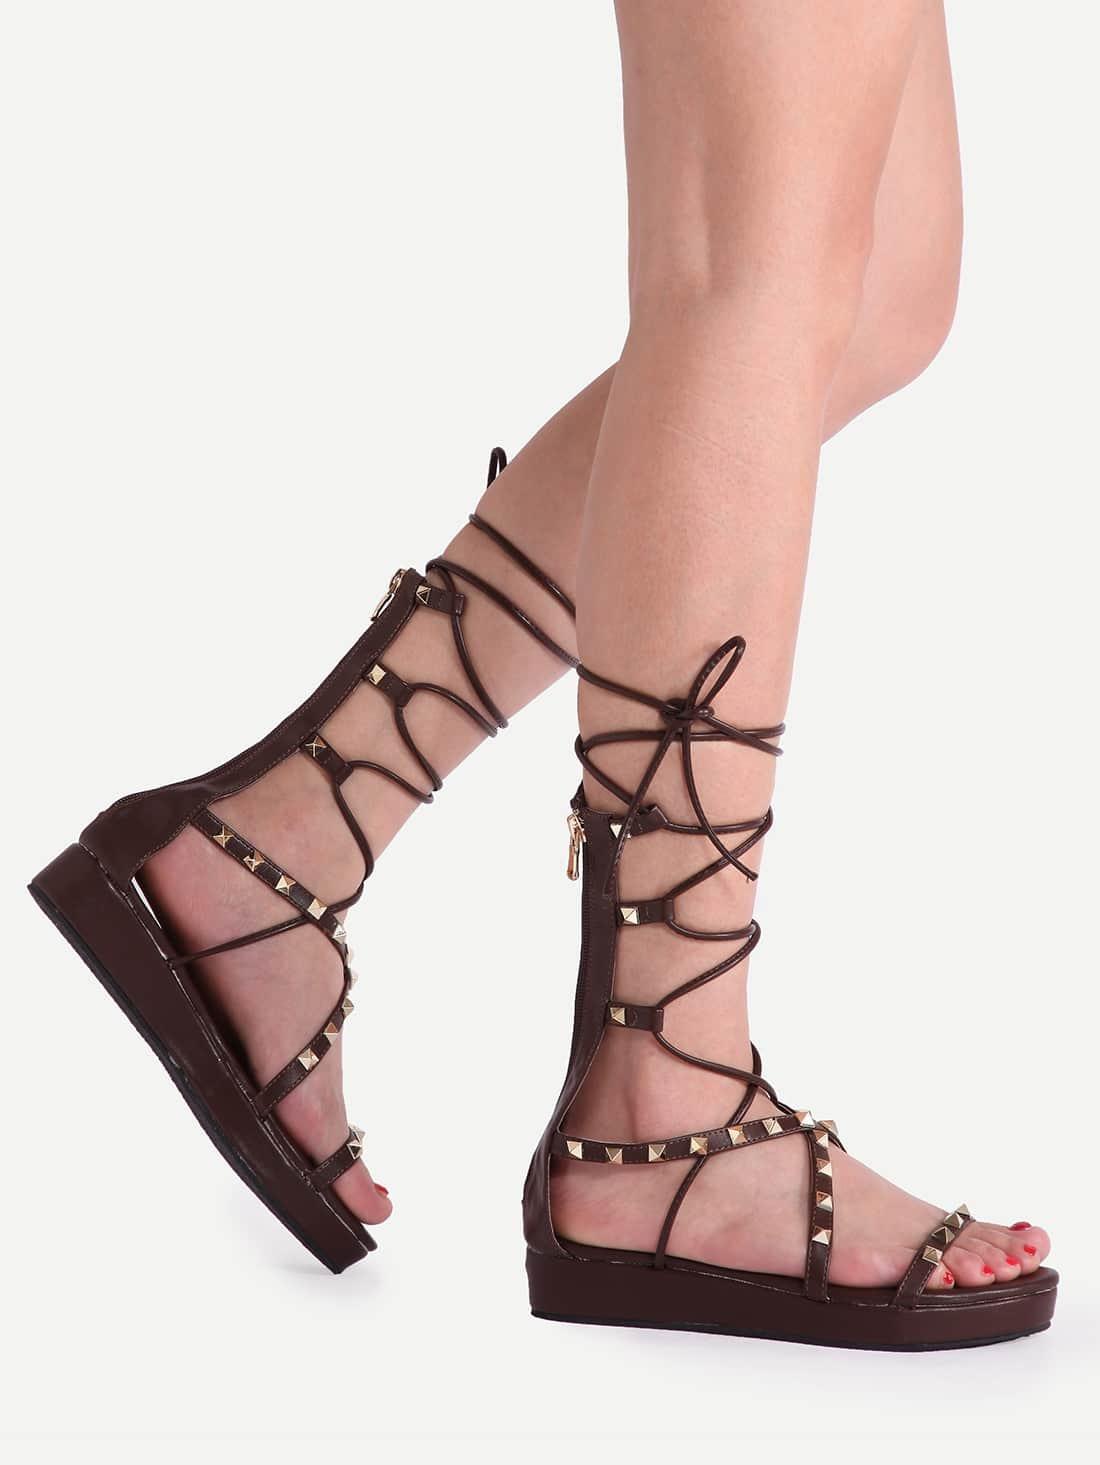 sandalen mit schn rung am bein und niete verziert kaffee. Black Bedroom Furniture Sets. Home Design Ideas